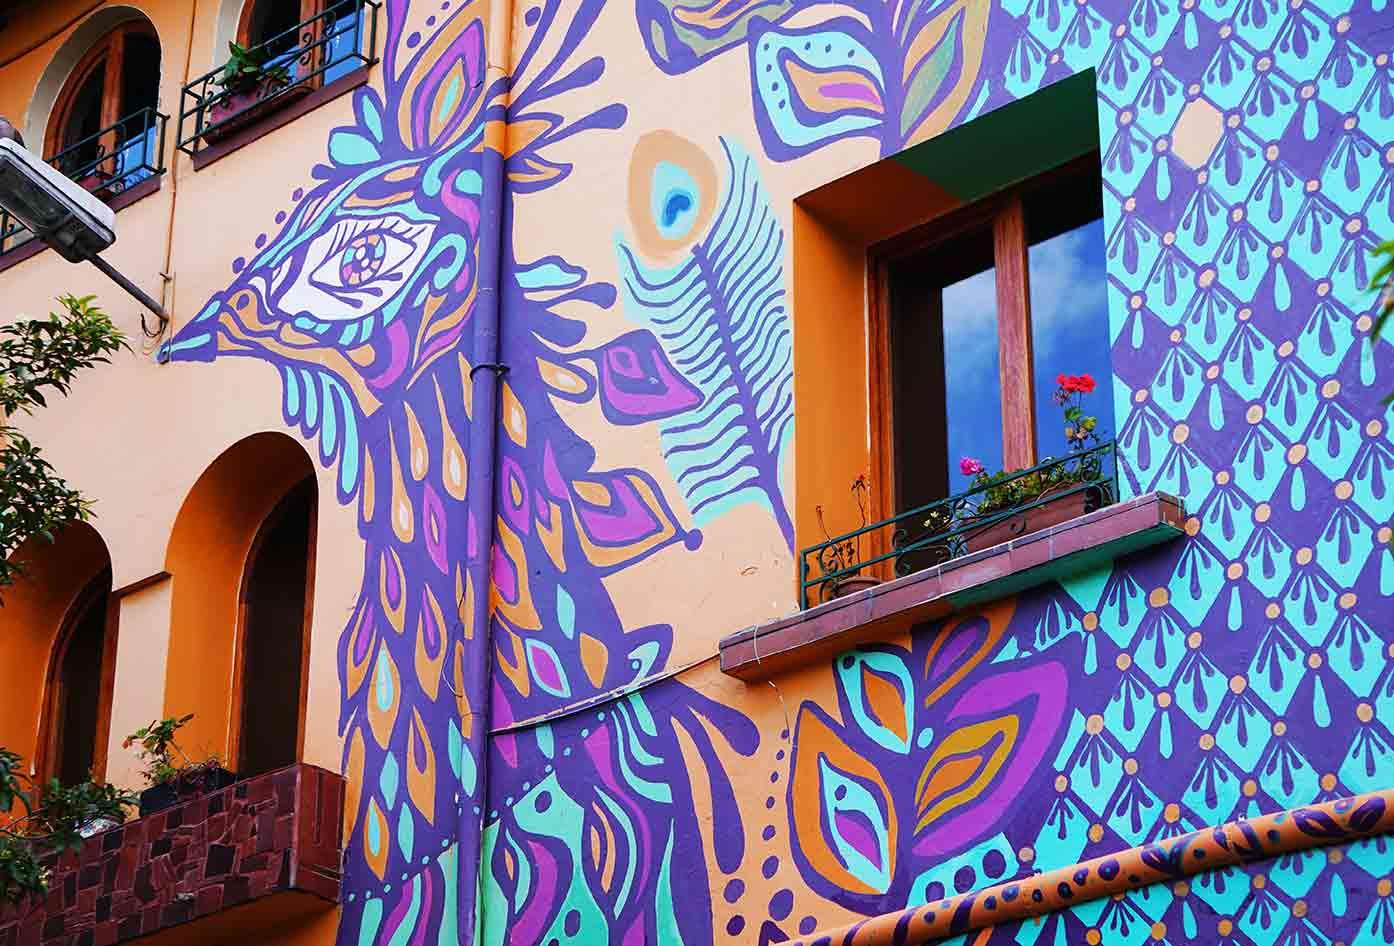 ecuador street art